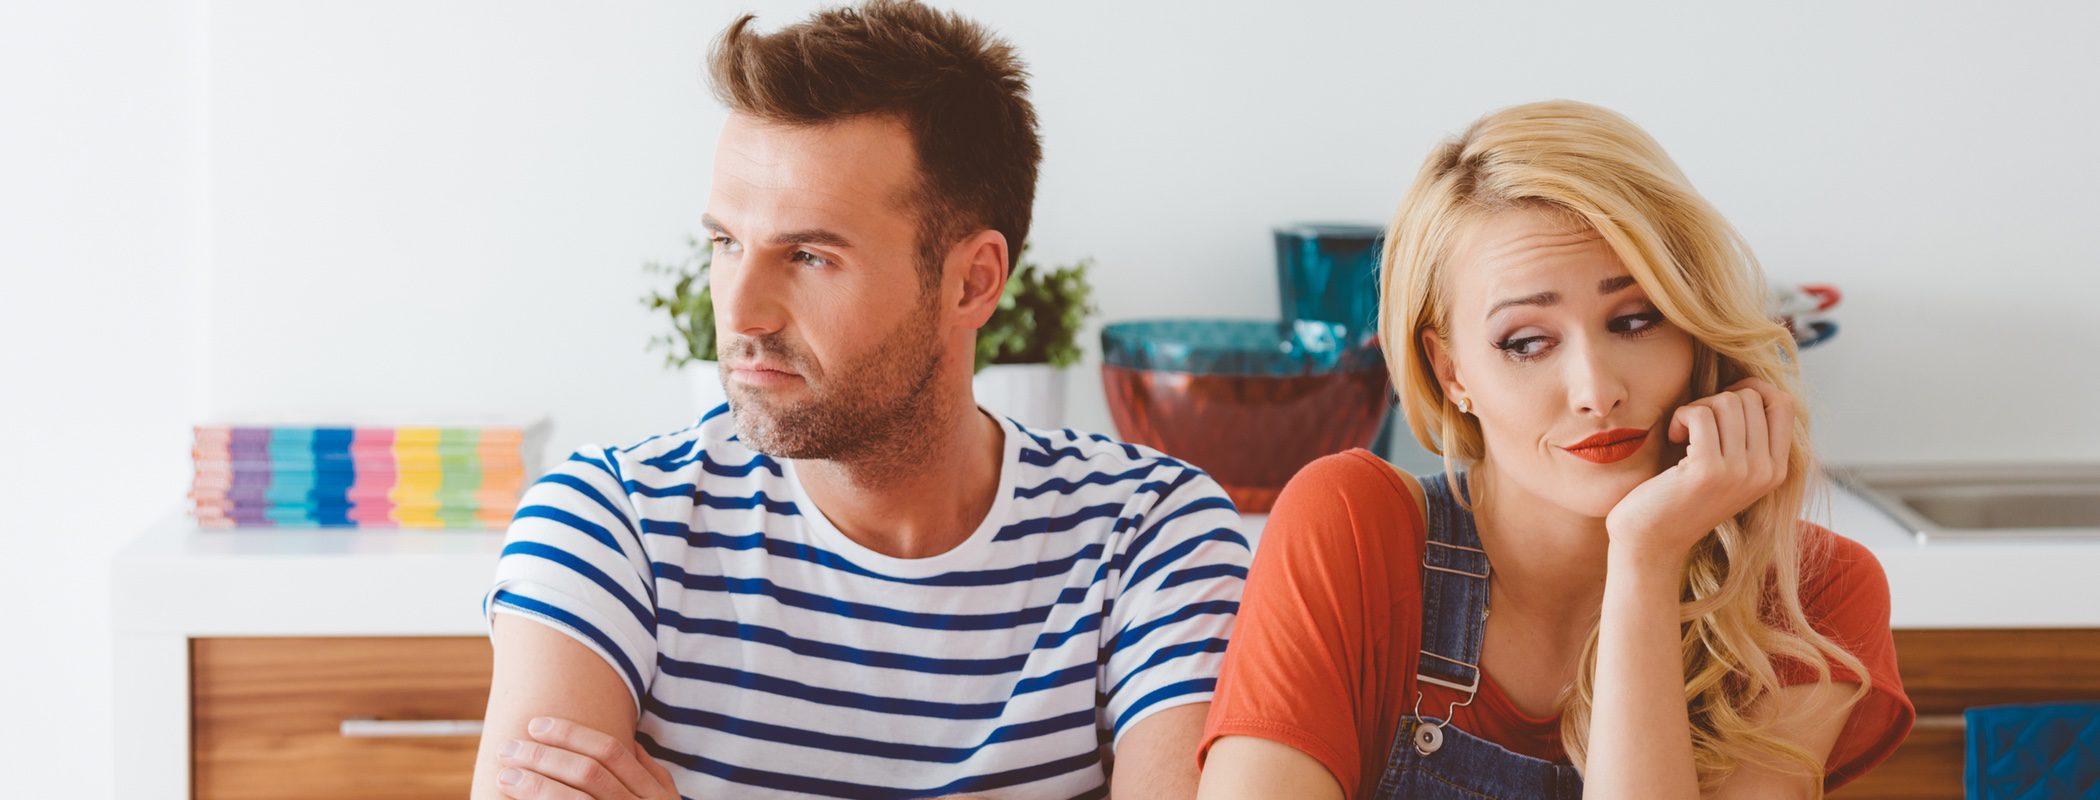 Quiero a mi novio pero no puedo vivir con él, ¿qué puedo hacer?